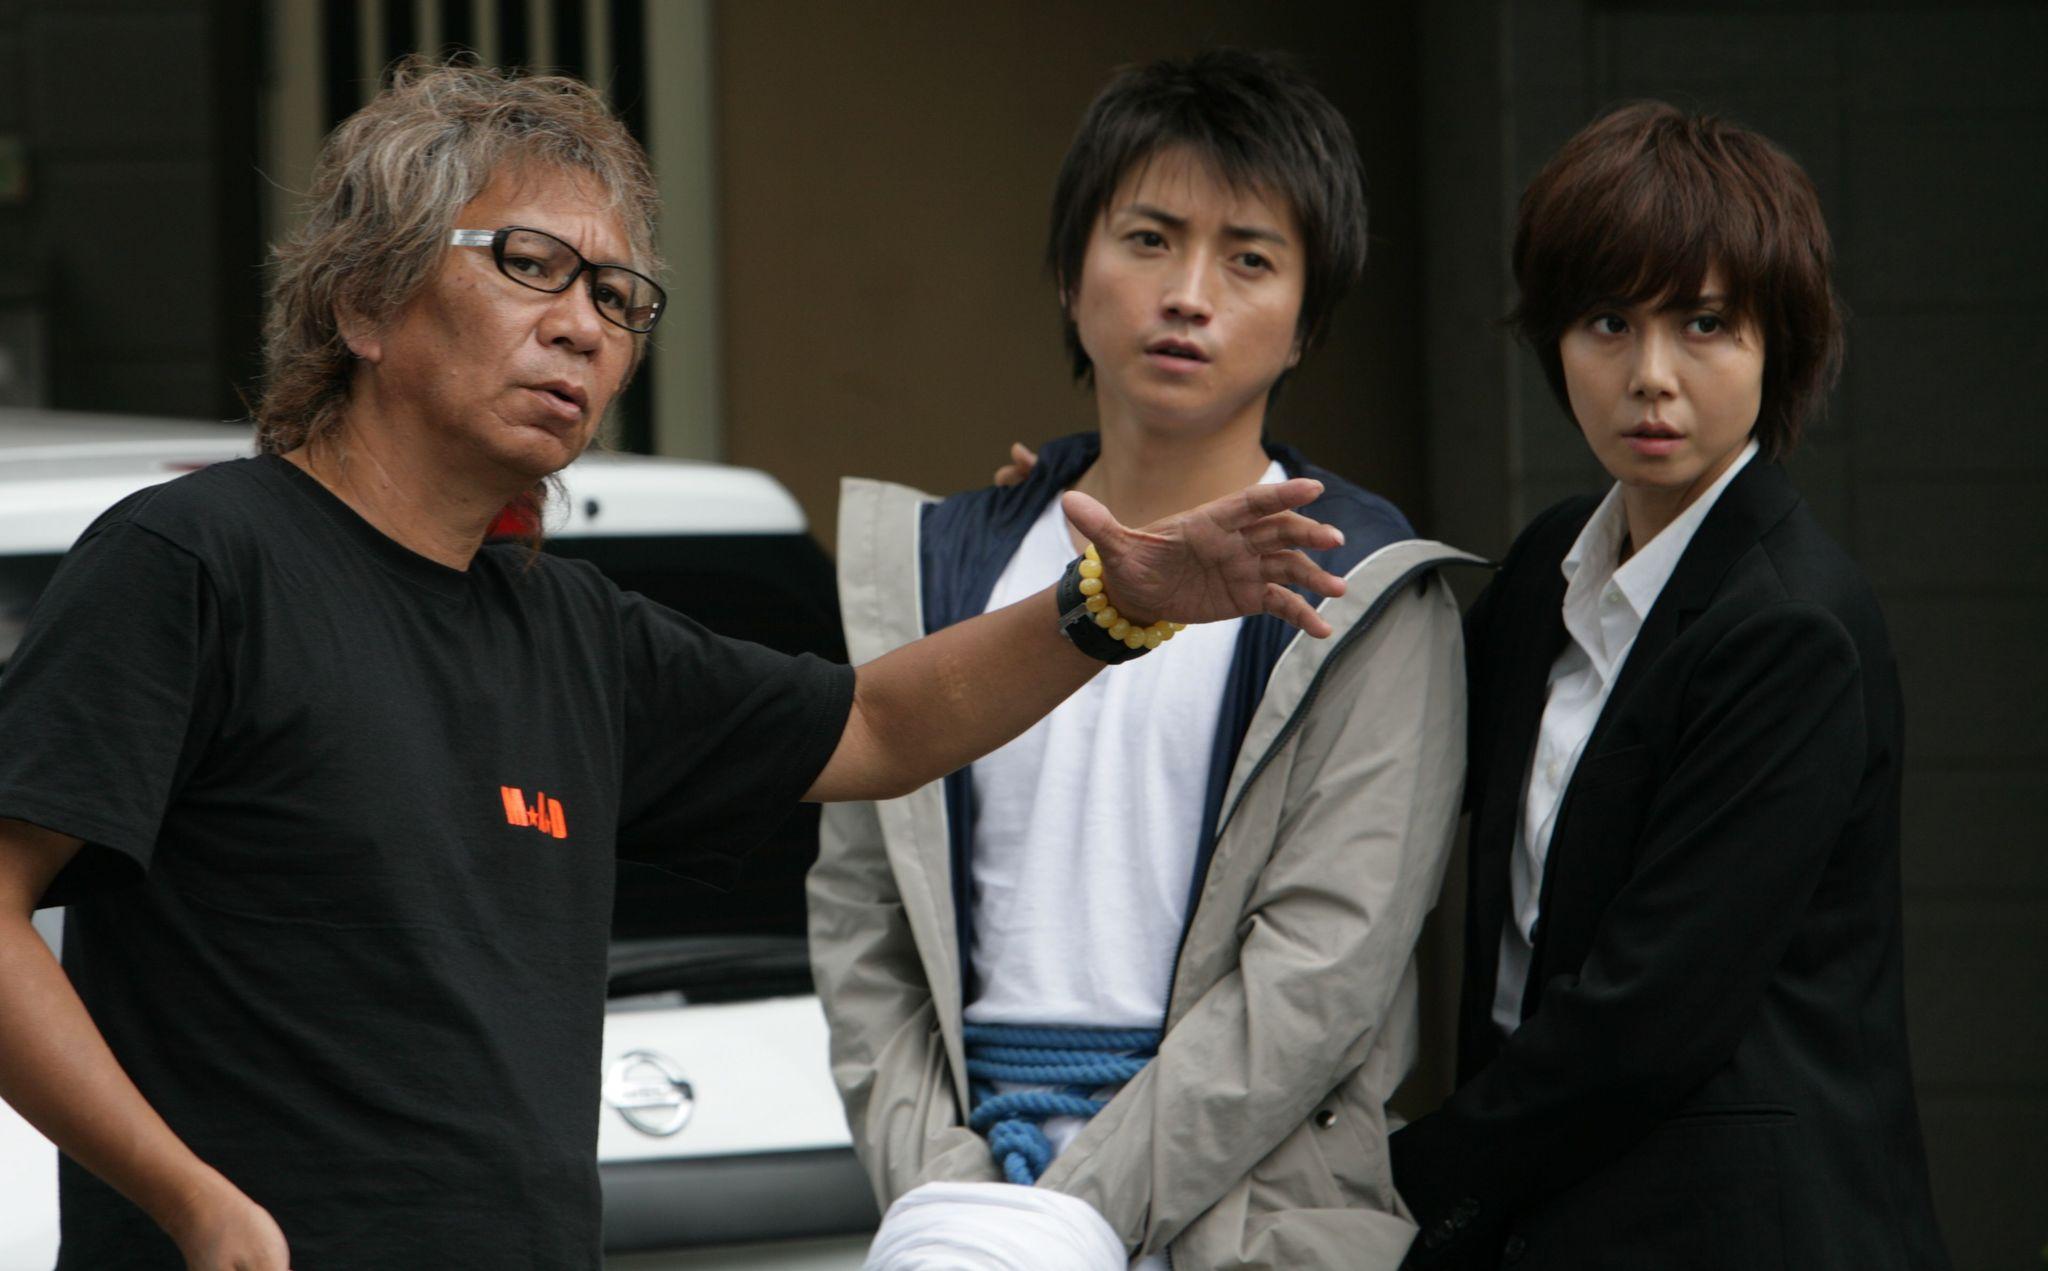 Tatsuya Fujiwara, Nanako Matsushima, and Takashi Miike in Wara no tate (2013)